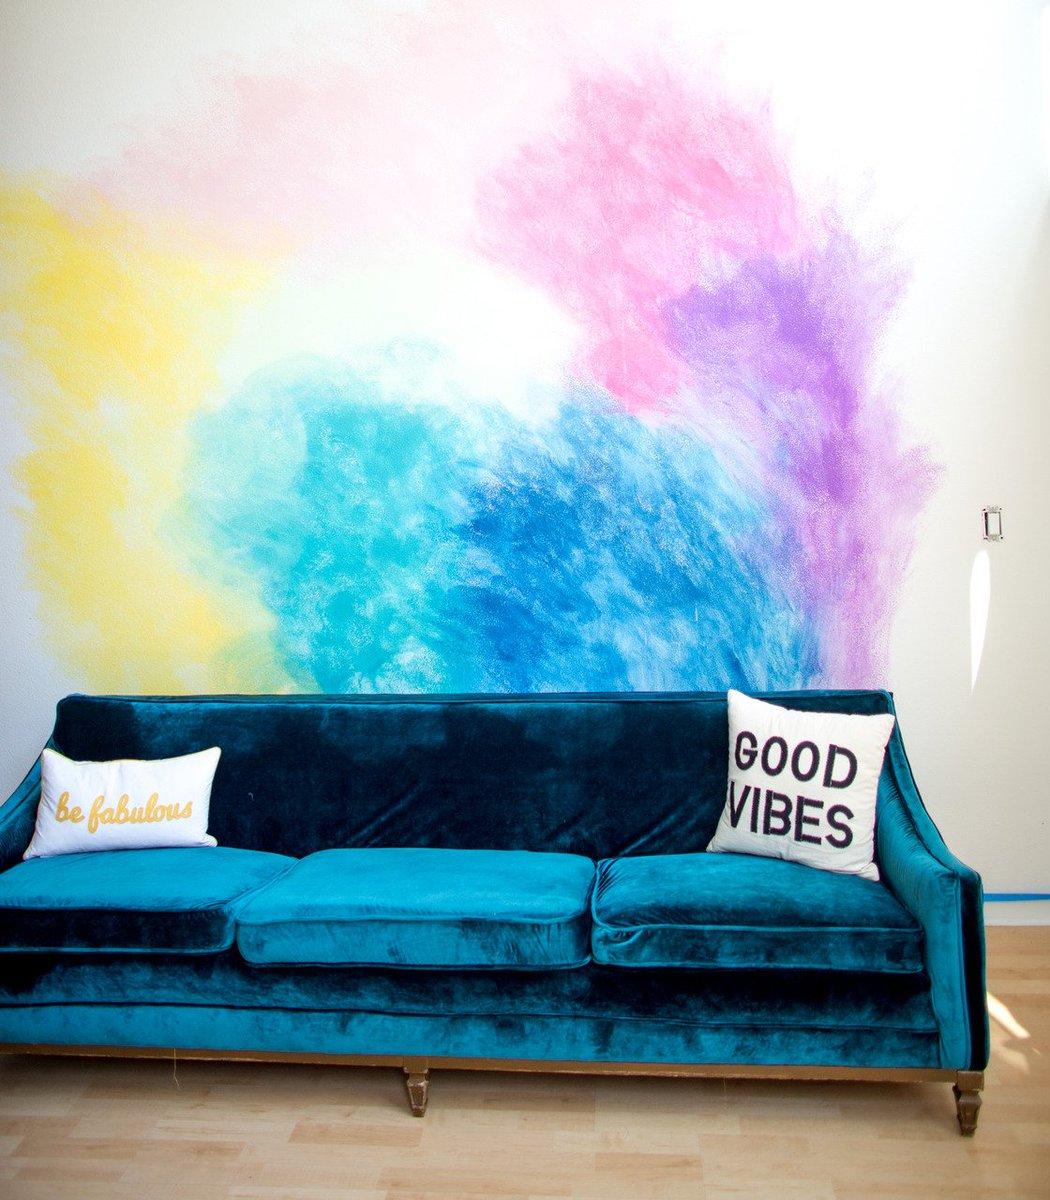 Diy Watercolor Wall Mural Diy Do It Your Self